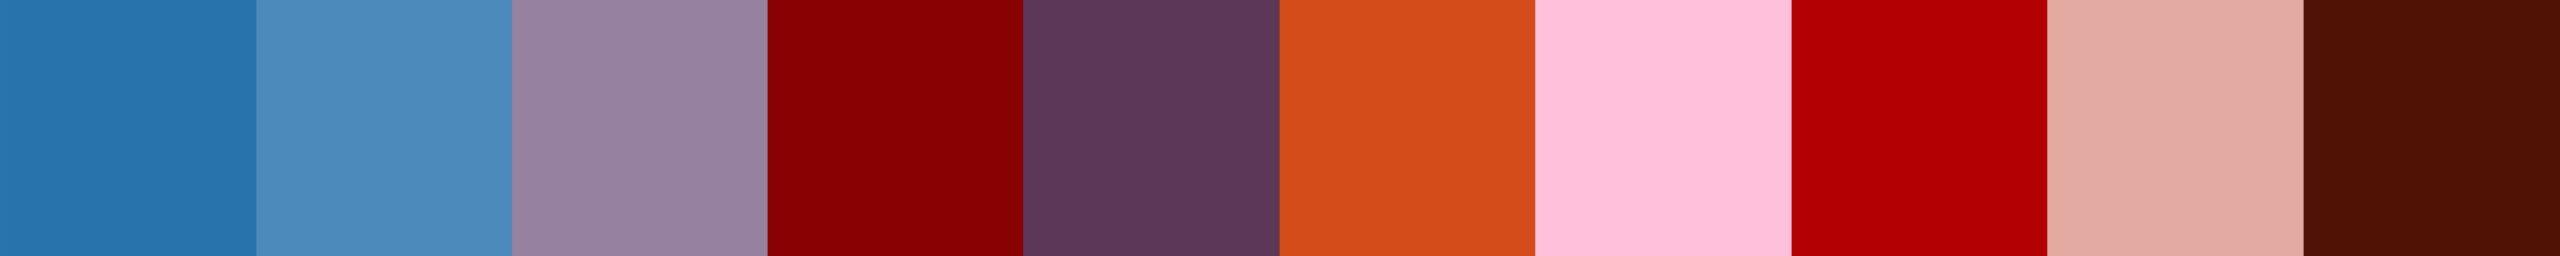 241 Facalopia Color Palette